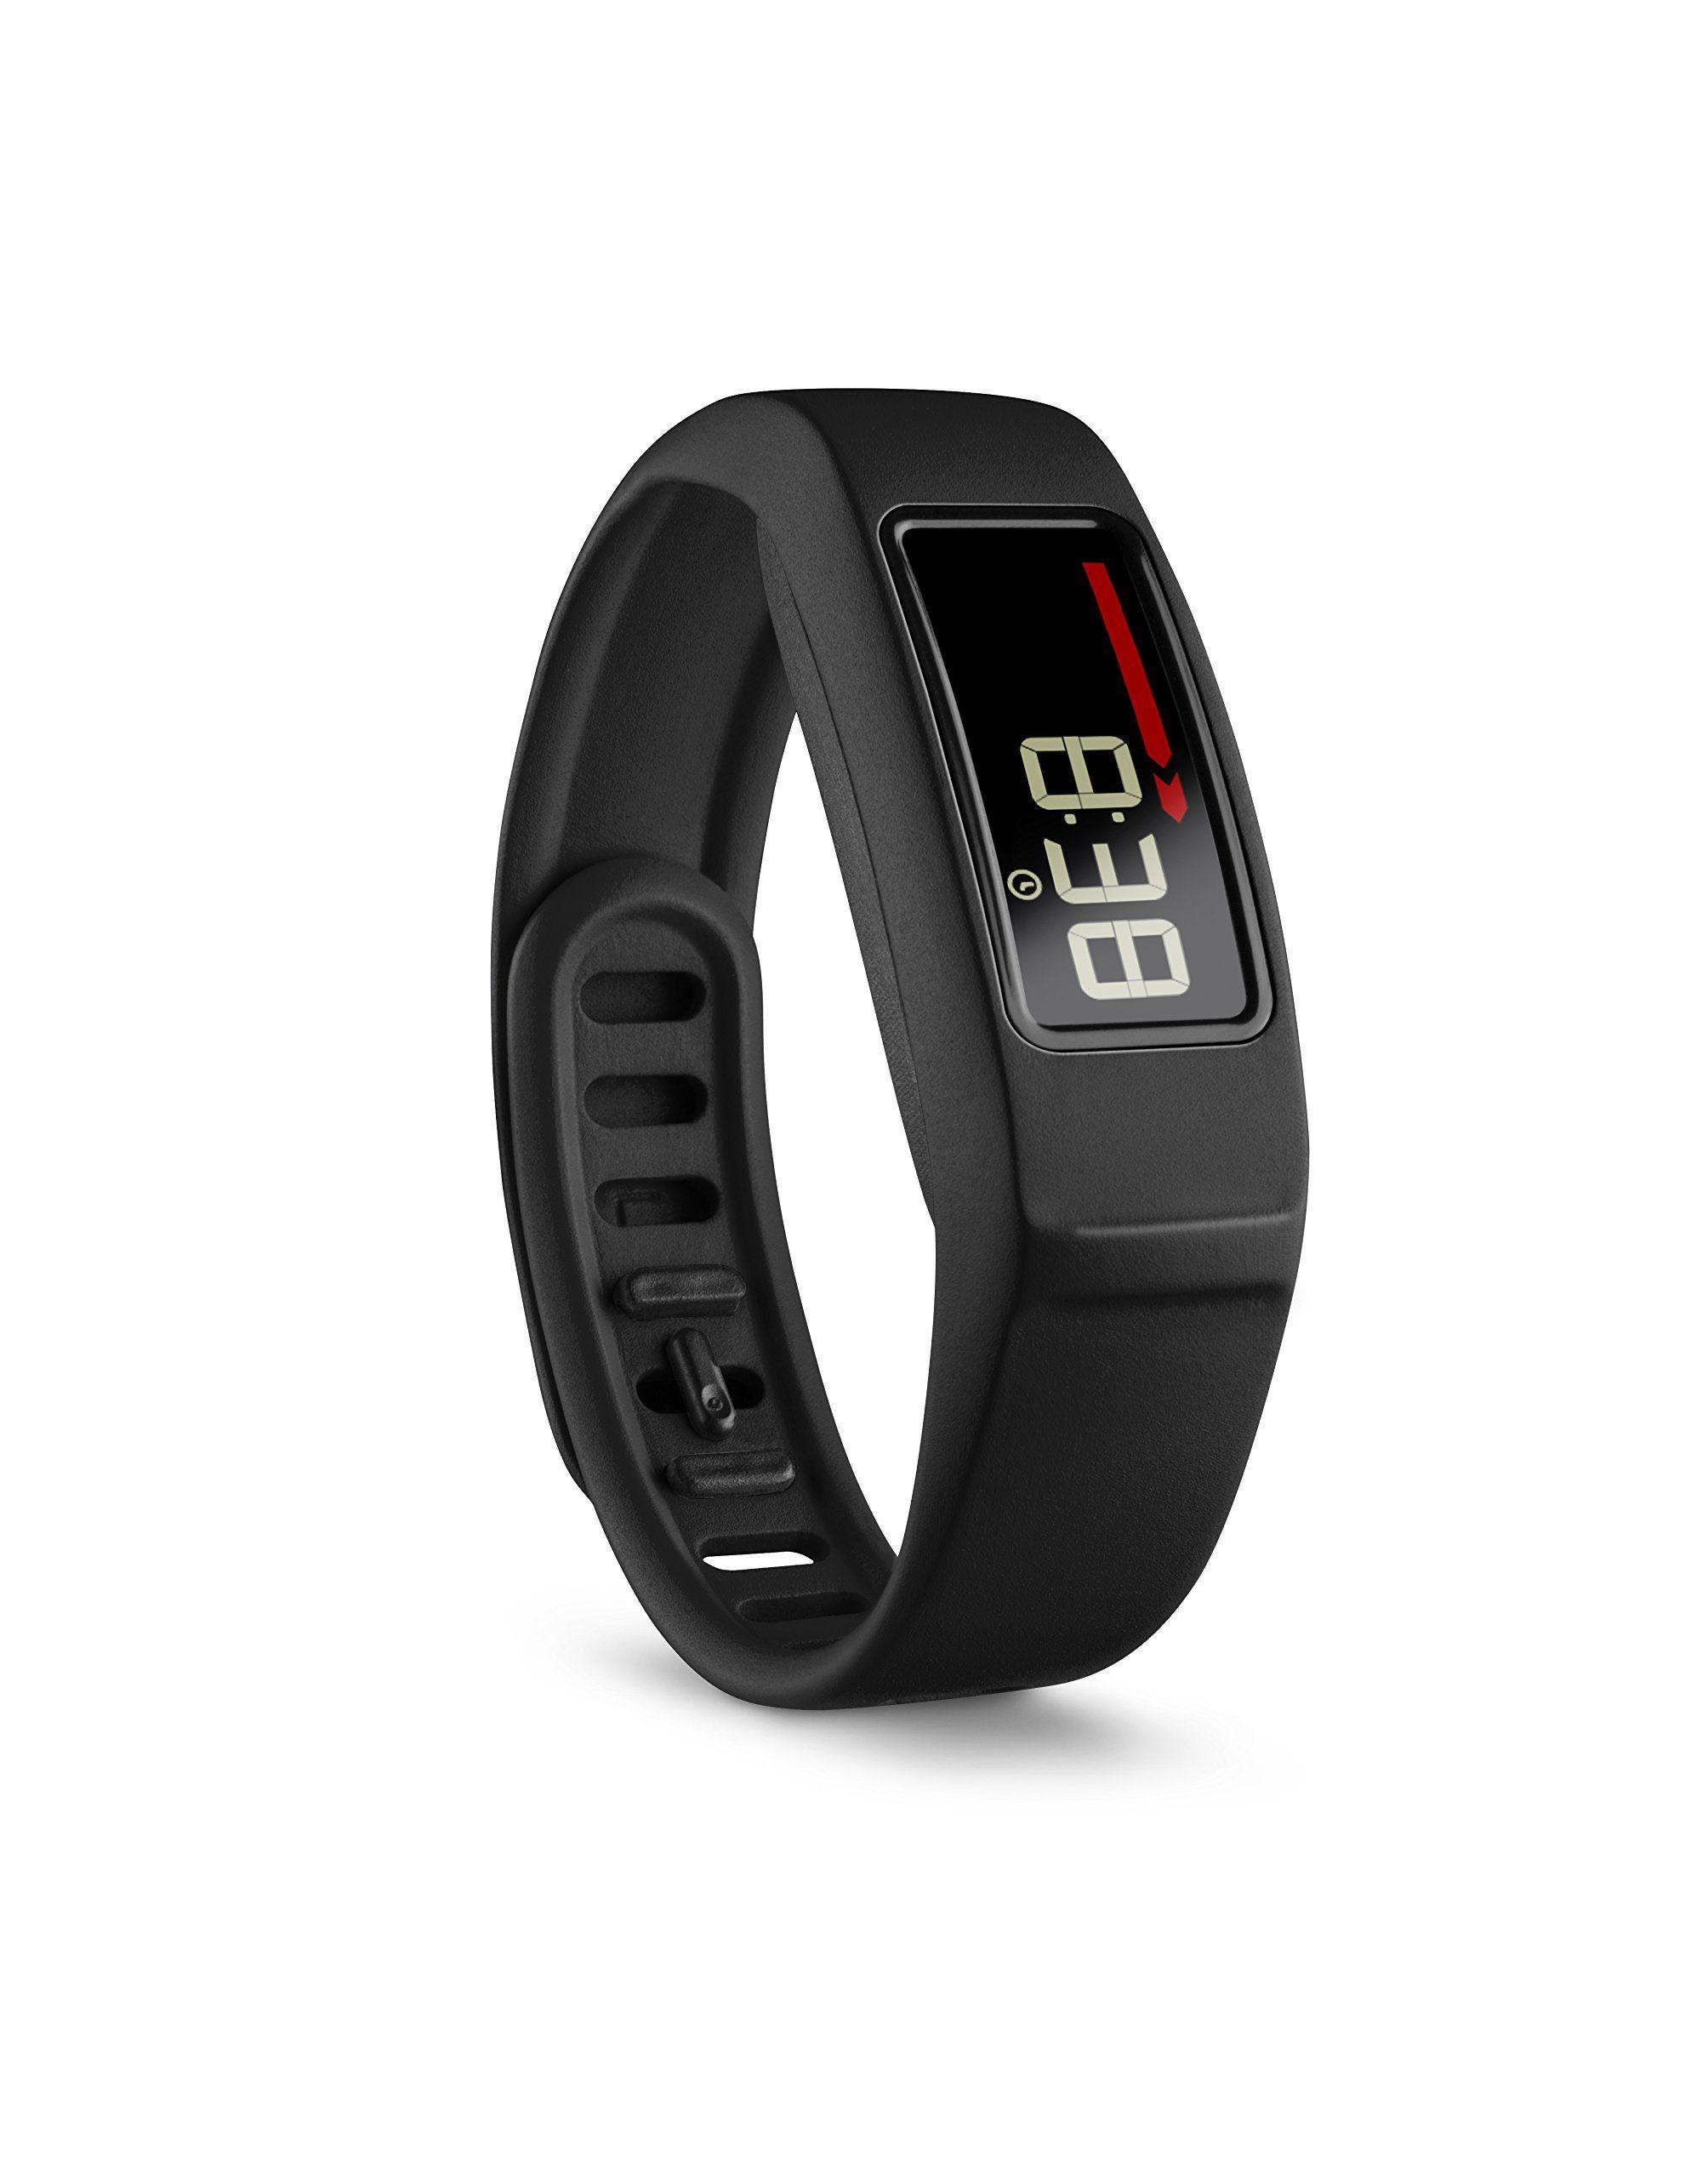 Garmin Vívofit 2 Activity Tracker, Black (Certified